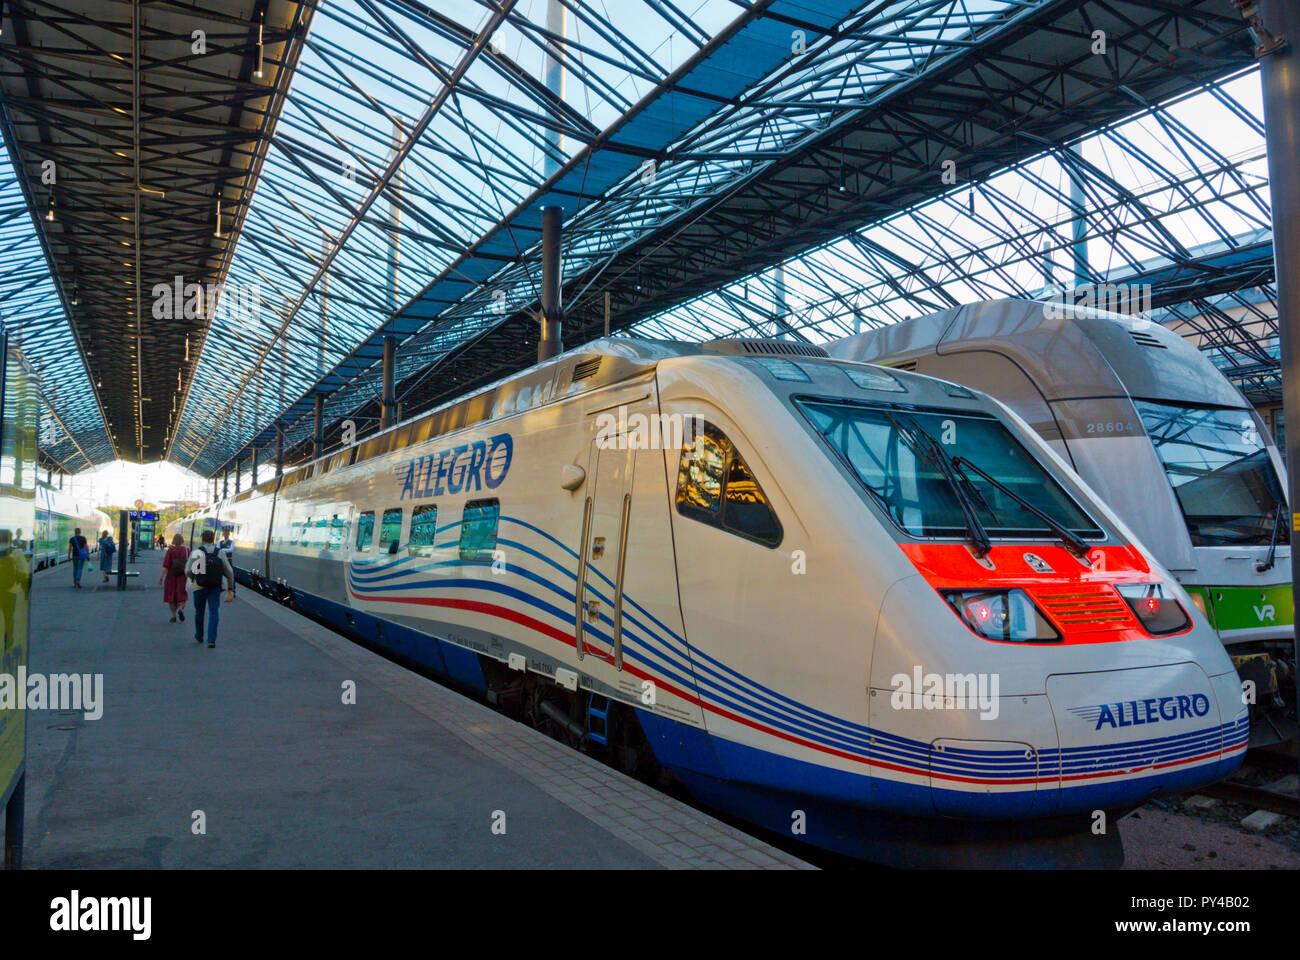 Allegro, il treno veloce tra Helsinki Finlandia e San Pietroburgo Russia, Helsingin rautatieasema, la stazione ferroviaria centrale, Helsinki, Finlandia Immagini Stock